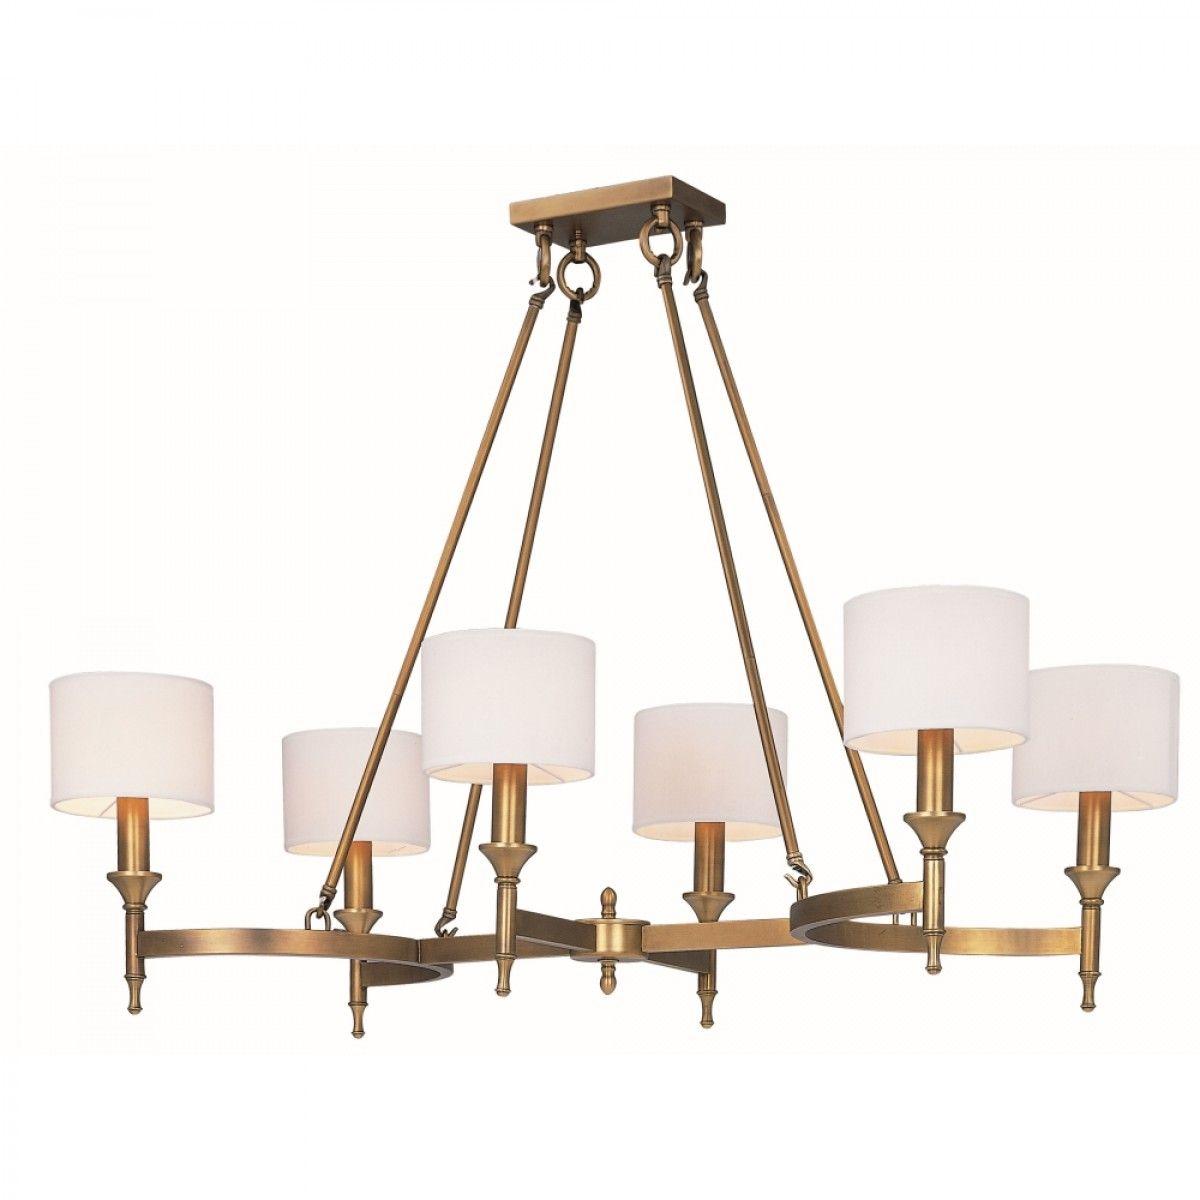 Fairmont 6 light 41 natural aged brass linear chandelier with fairmont 6 light 41 natural aged brass linear chandelier with fabric shades arubaitofo Images